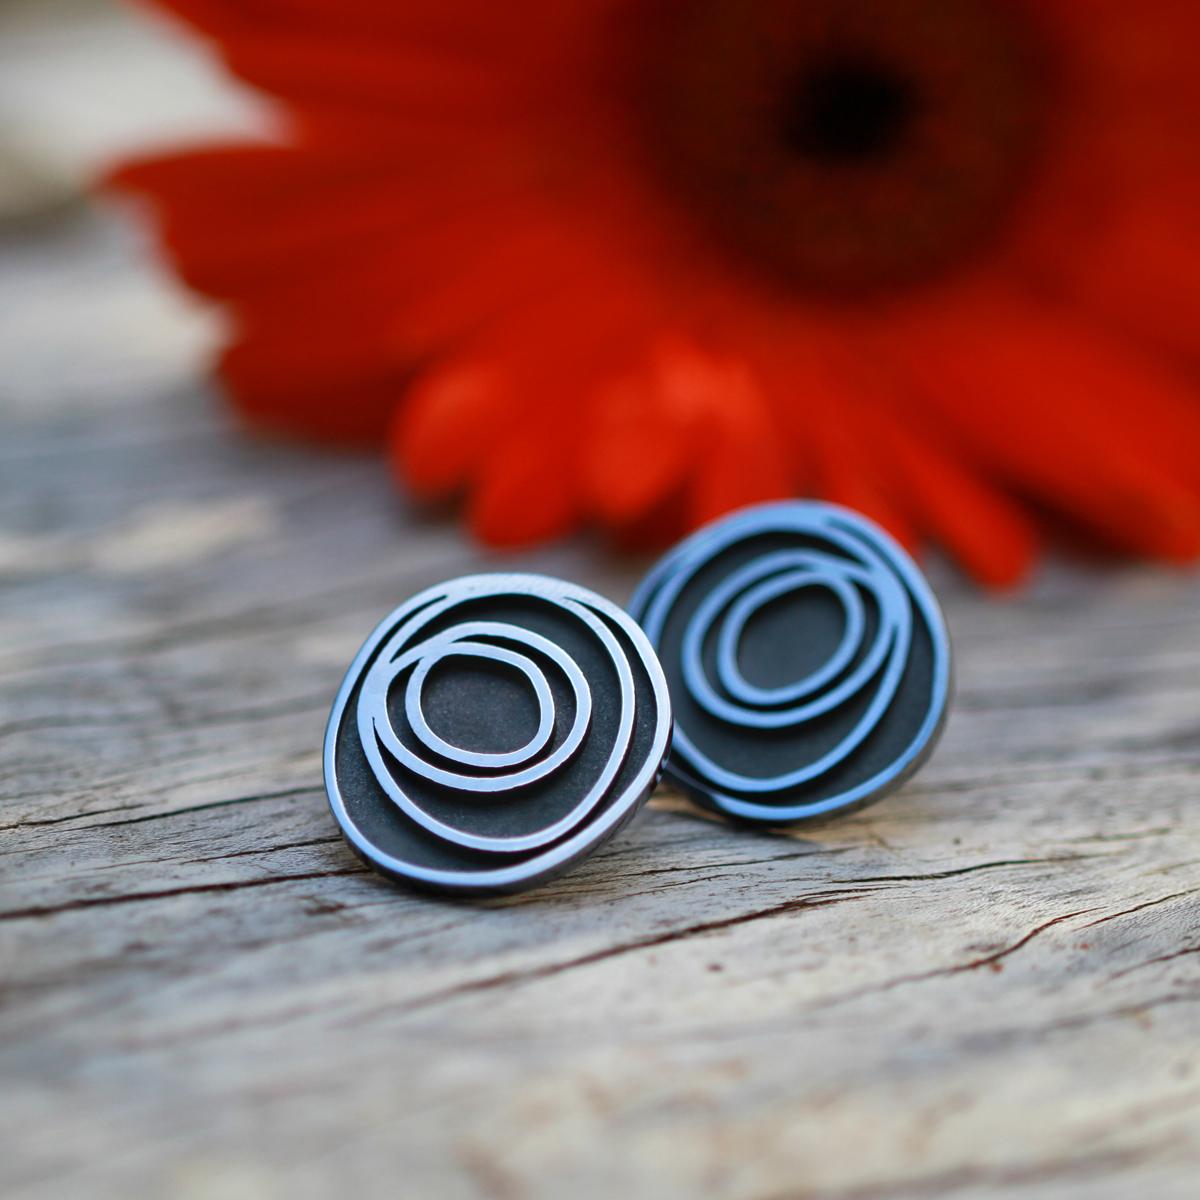 Oxidised silver earrings swirls